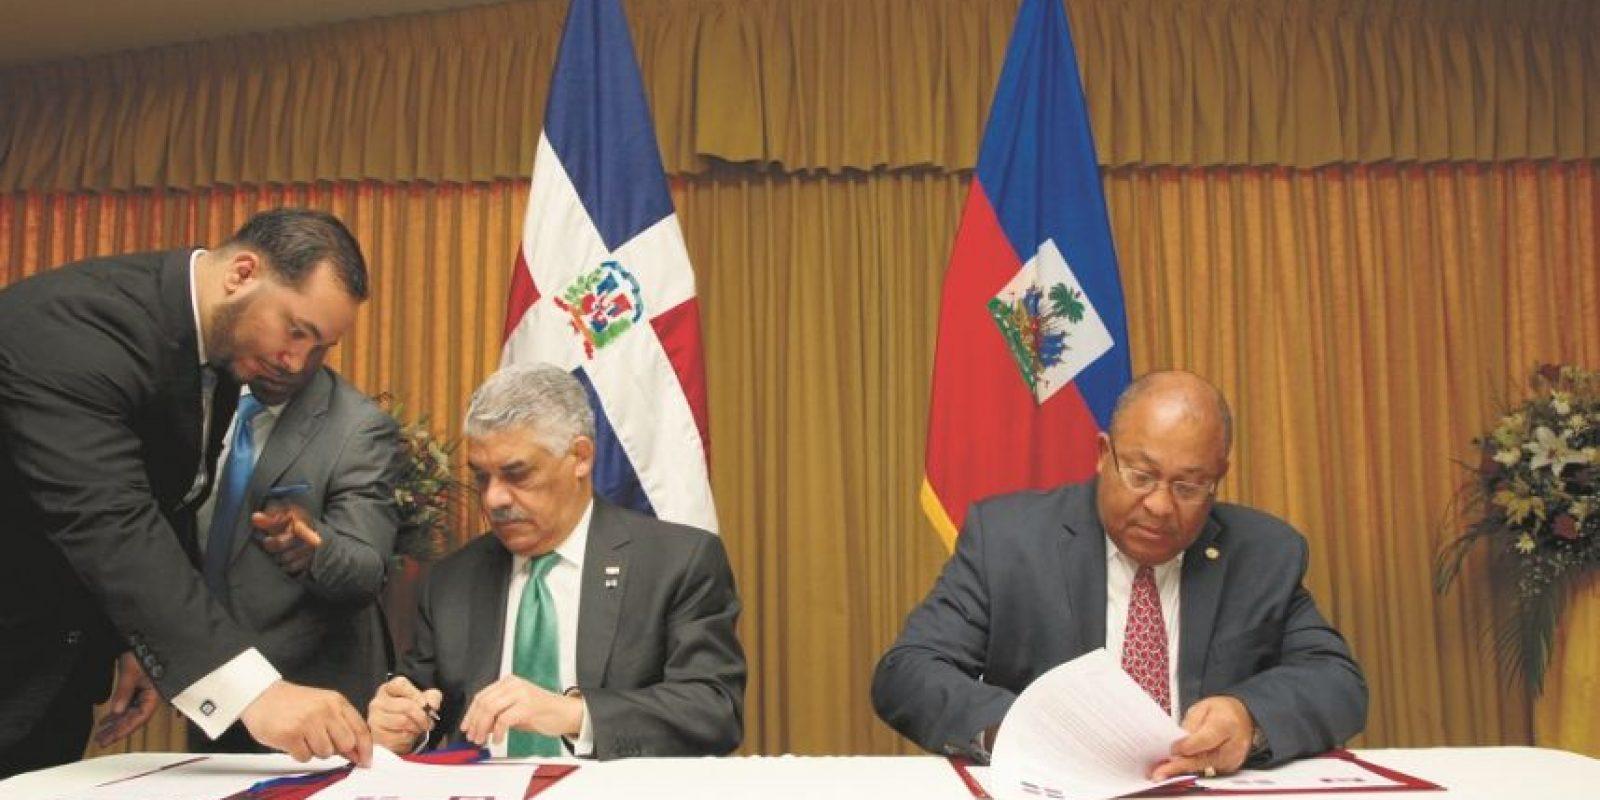 República Dominicana y Haití firmaron un nuevo acuerdo de intención para discutir diversos temas de la agenda común. Foto:Fuente externa